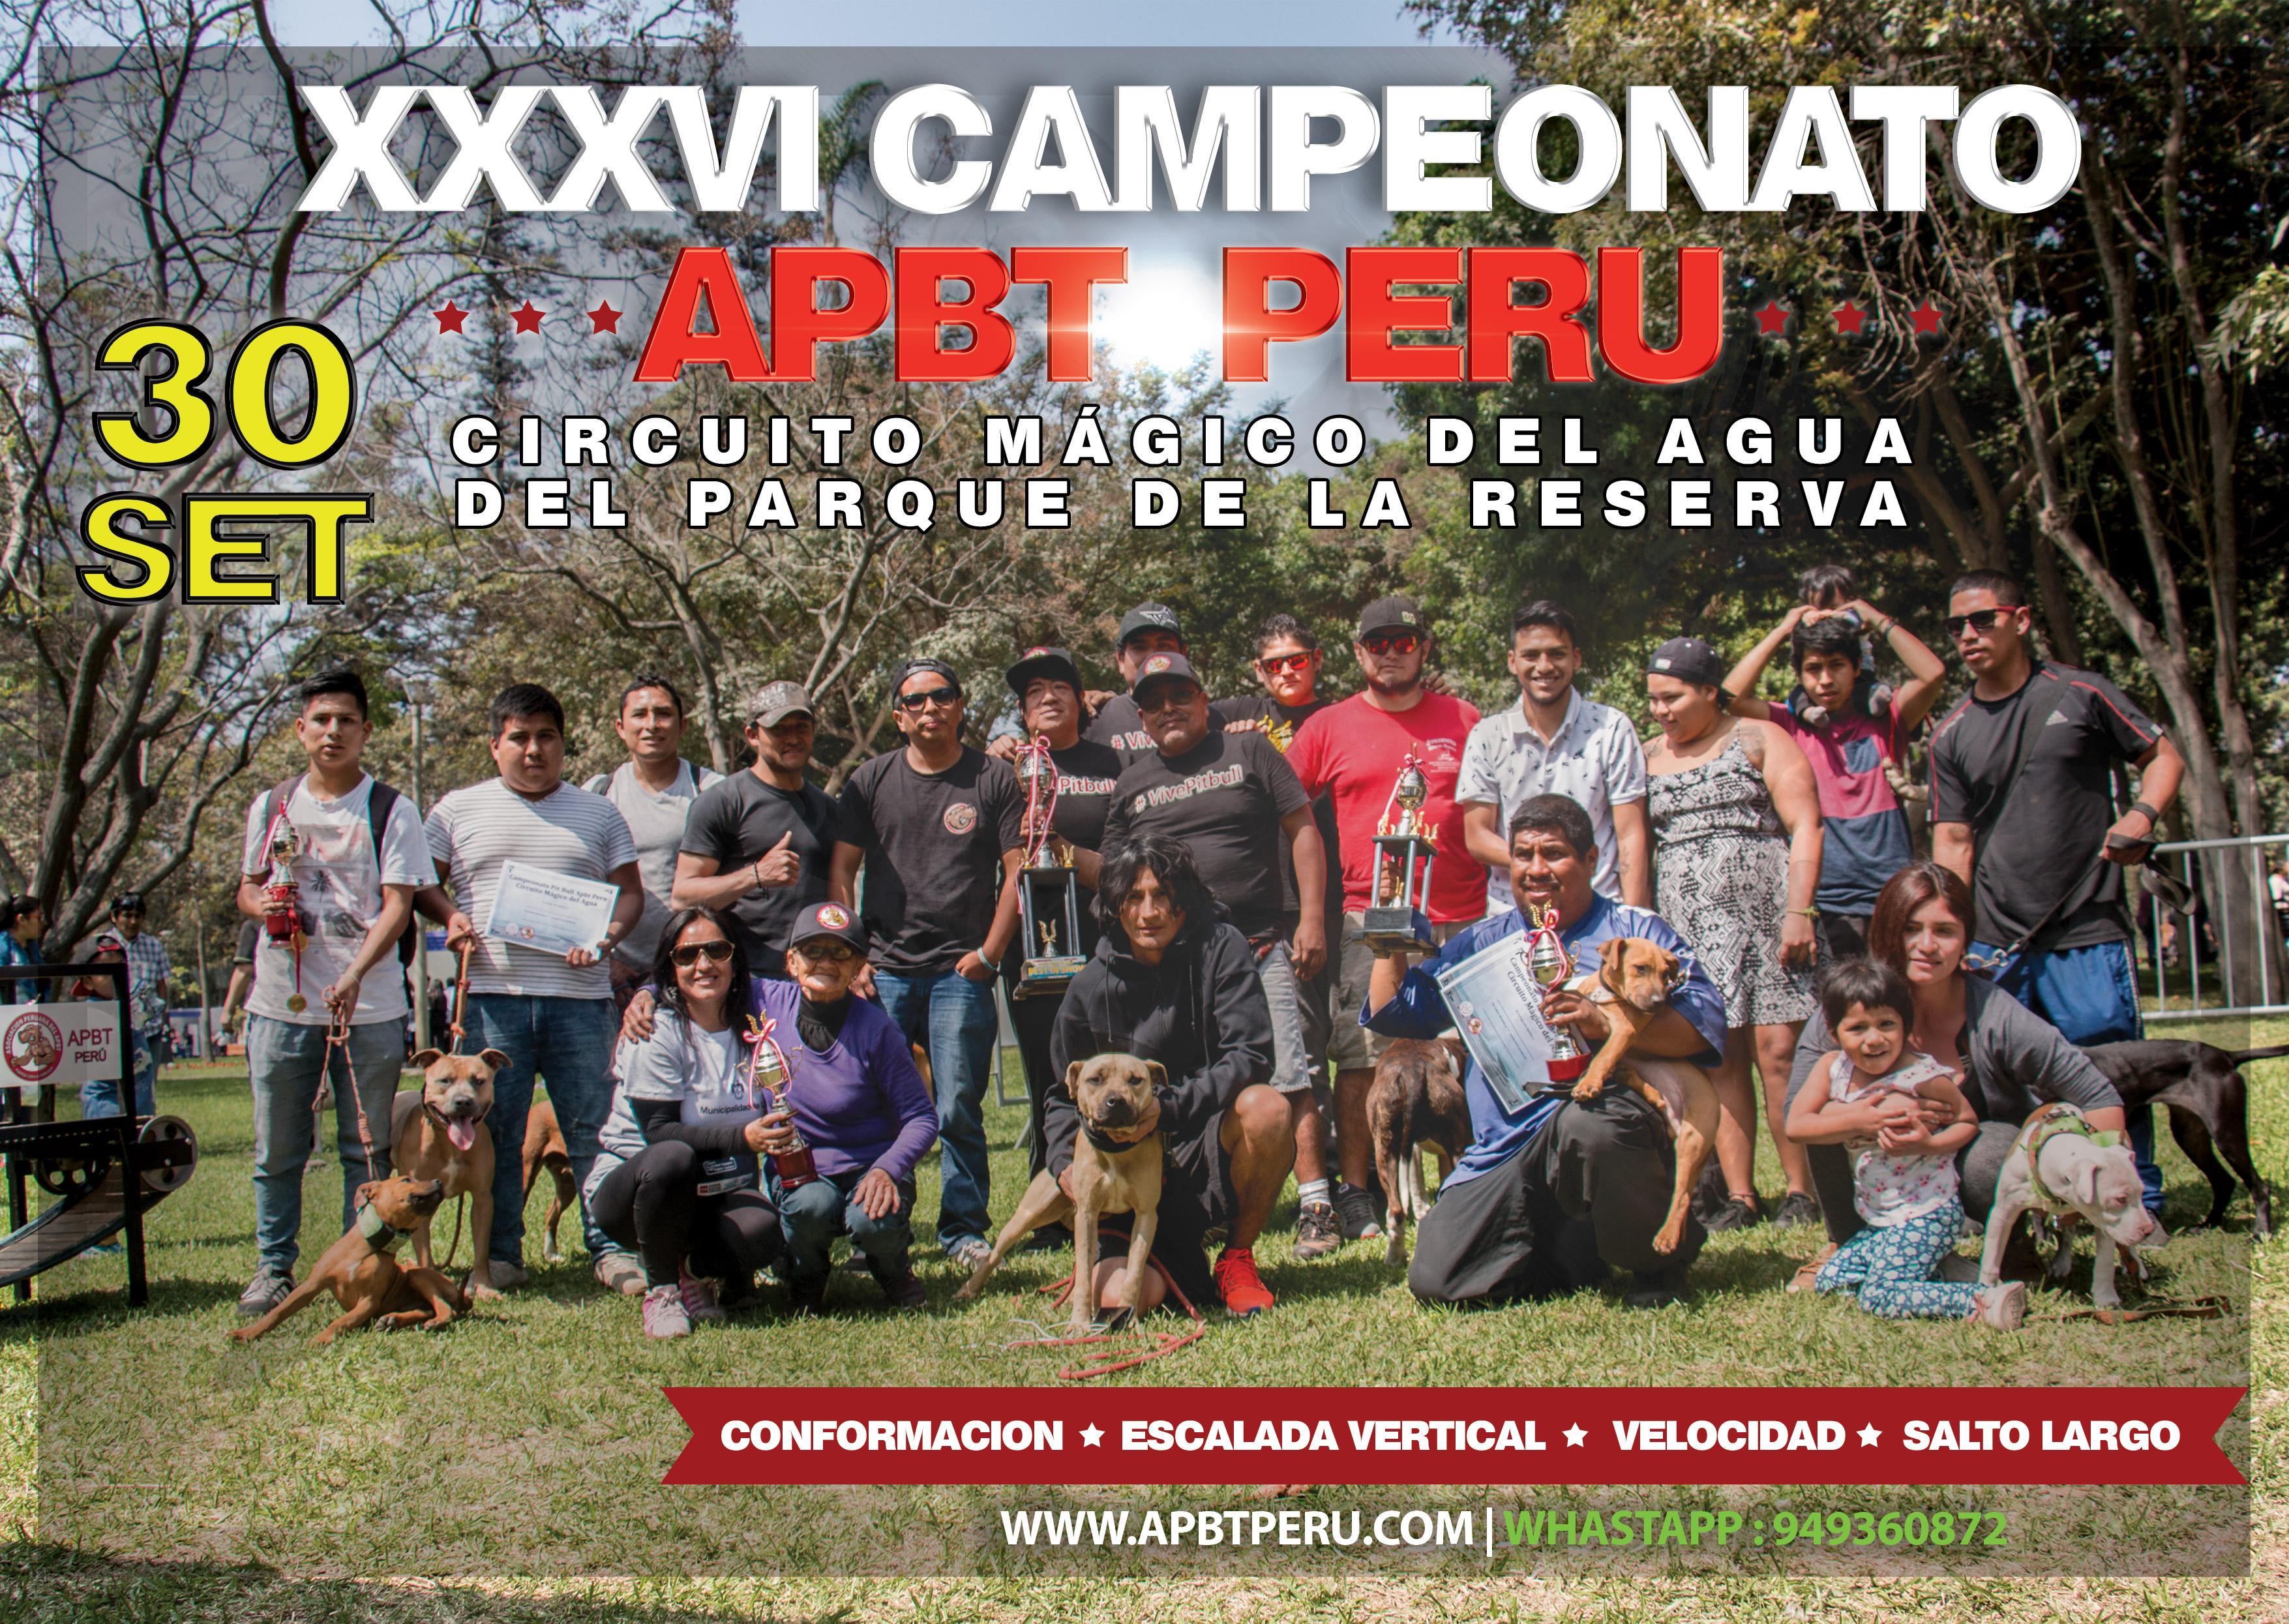 XXXVI Campeonato Apbt Peru en el Circuito Magico del Agua